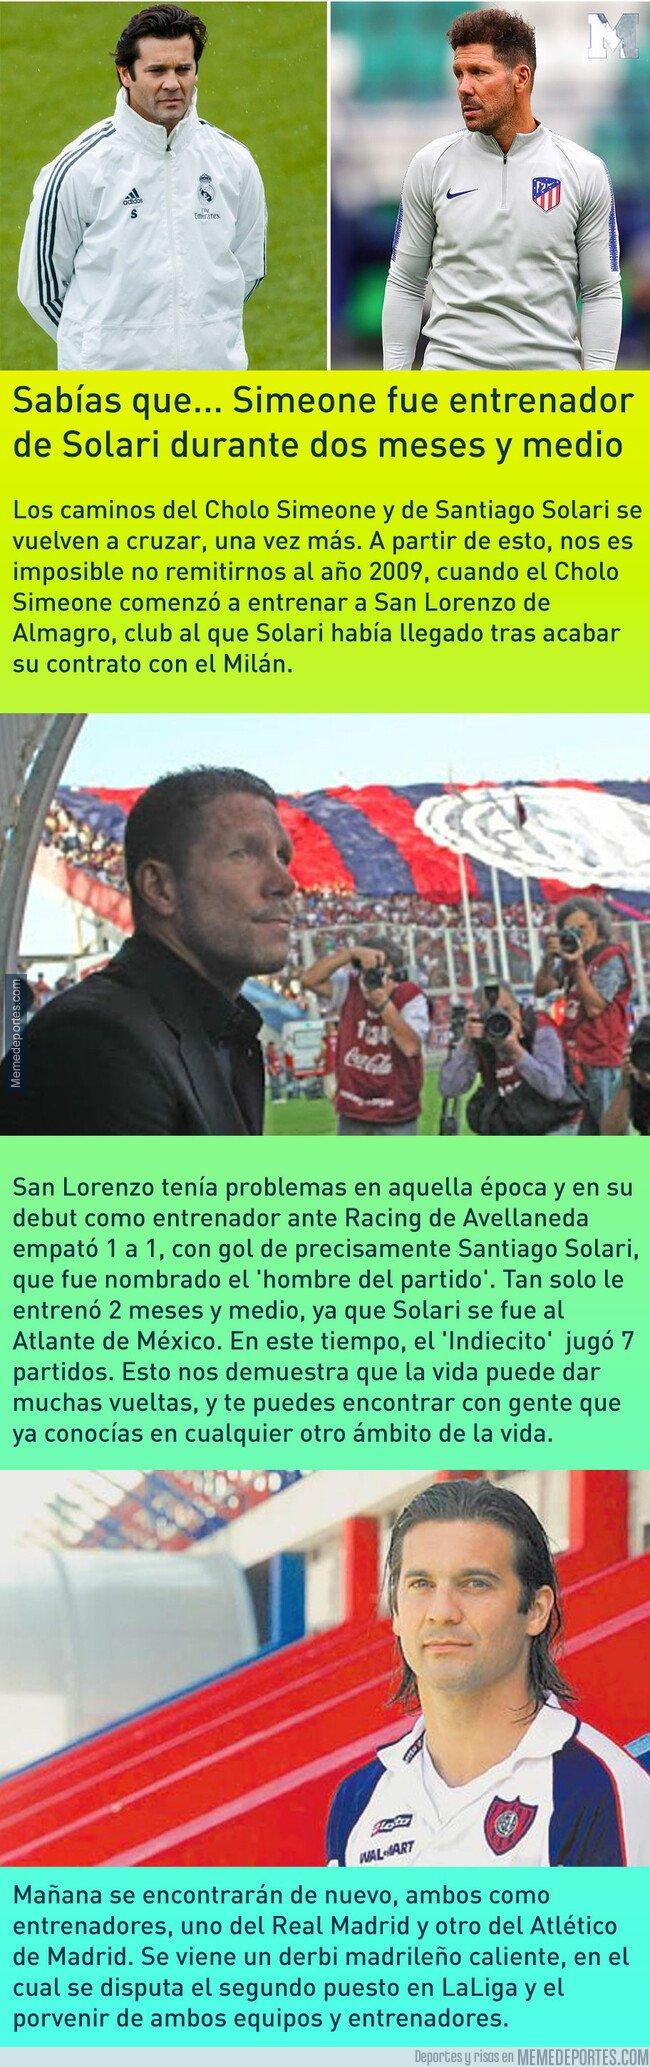 1063810 - Sabías que... Simeone fue entrenador de Solari durante dos meses y medio